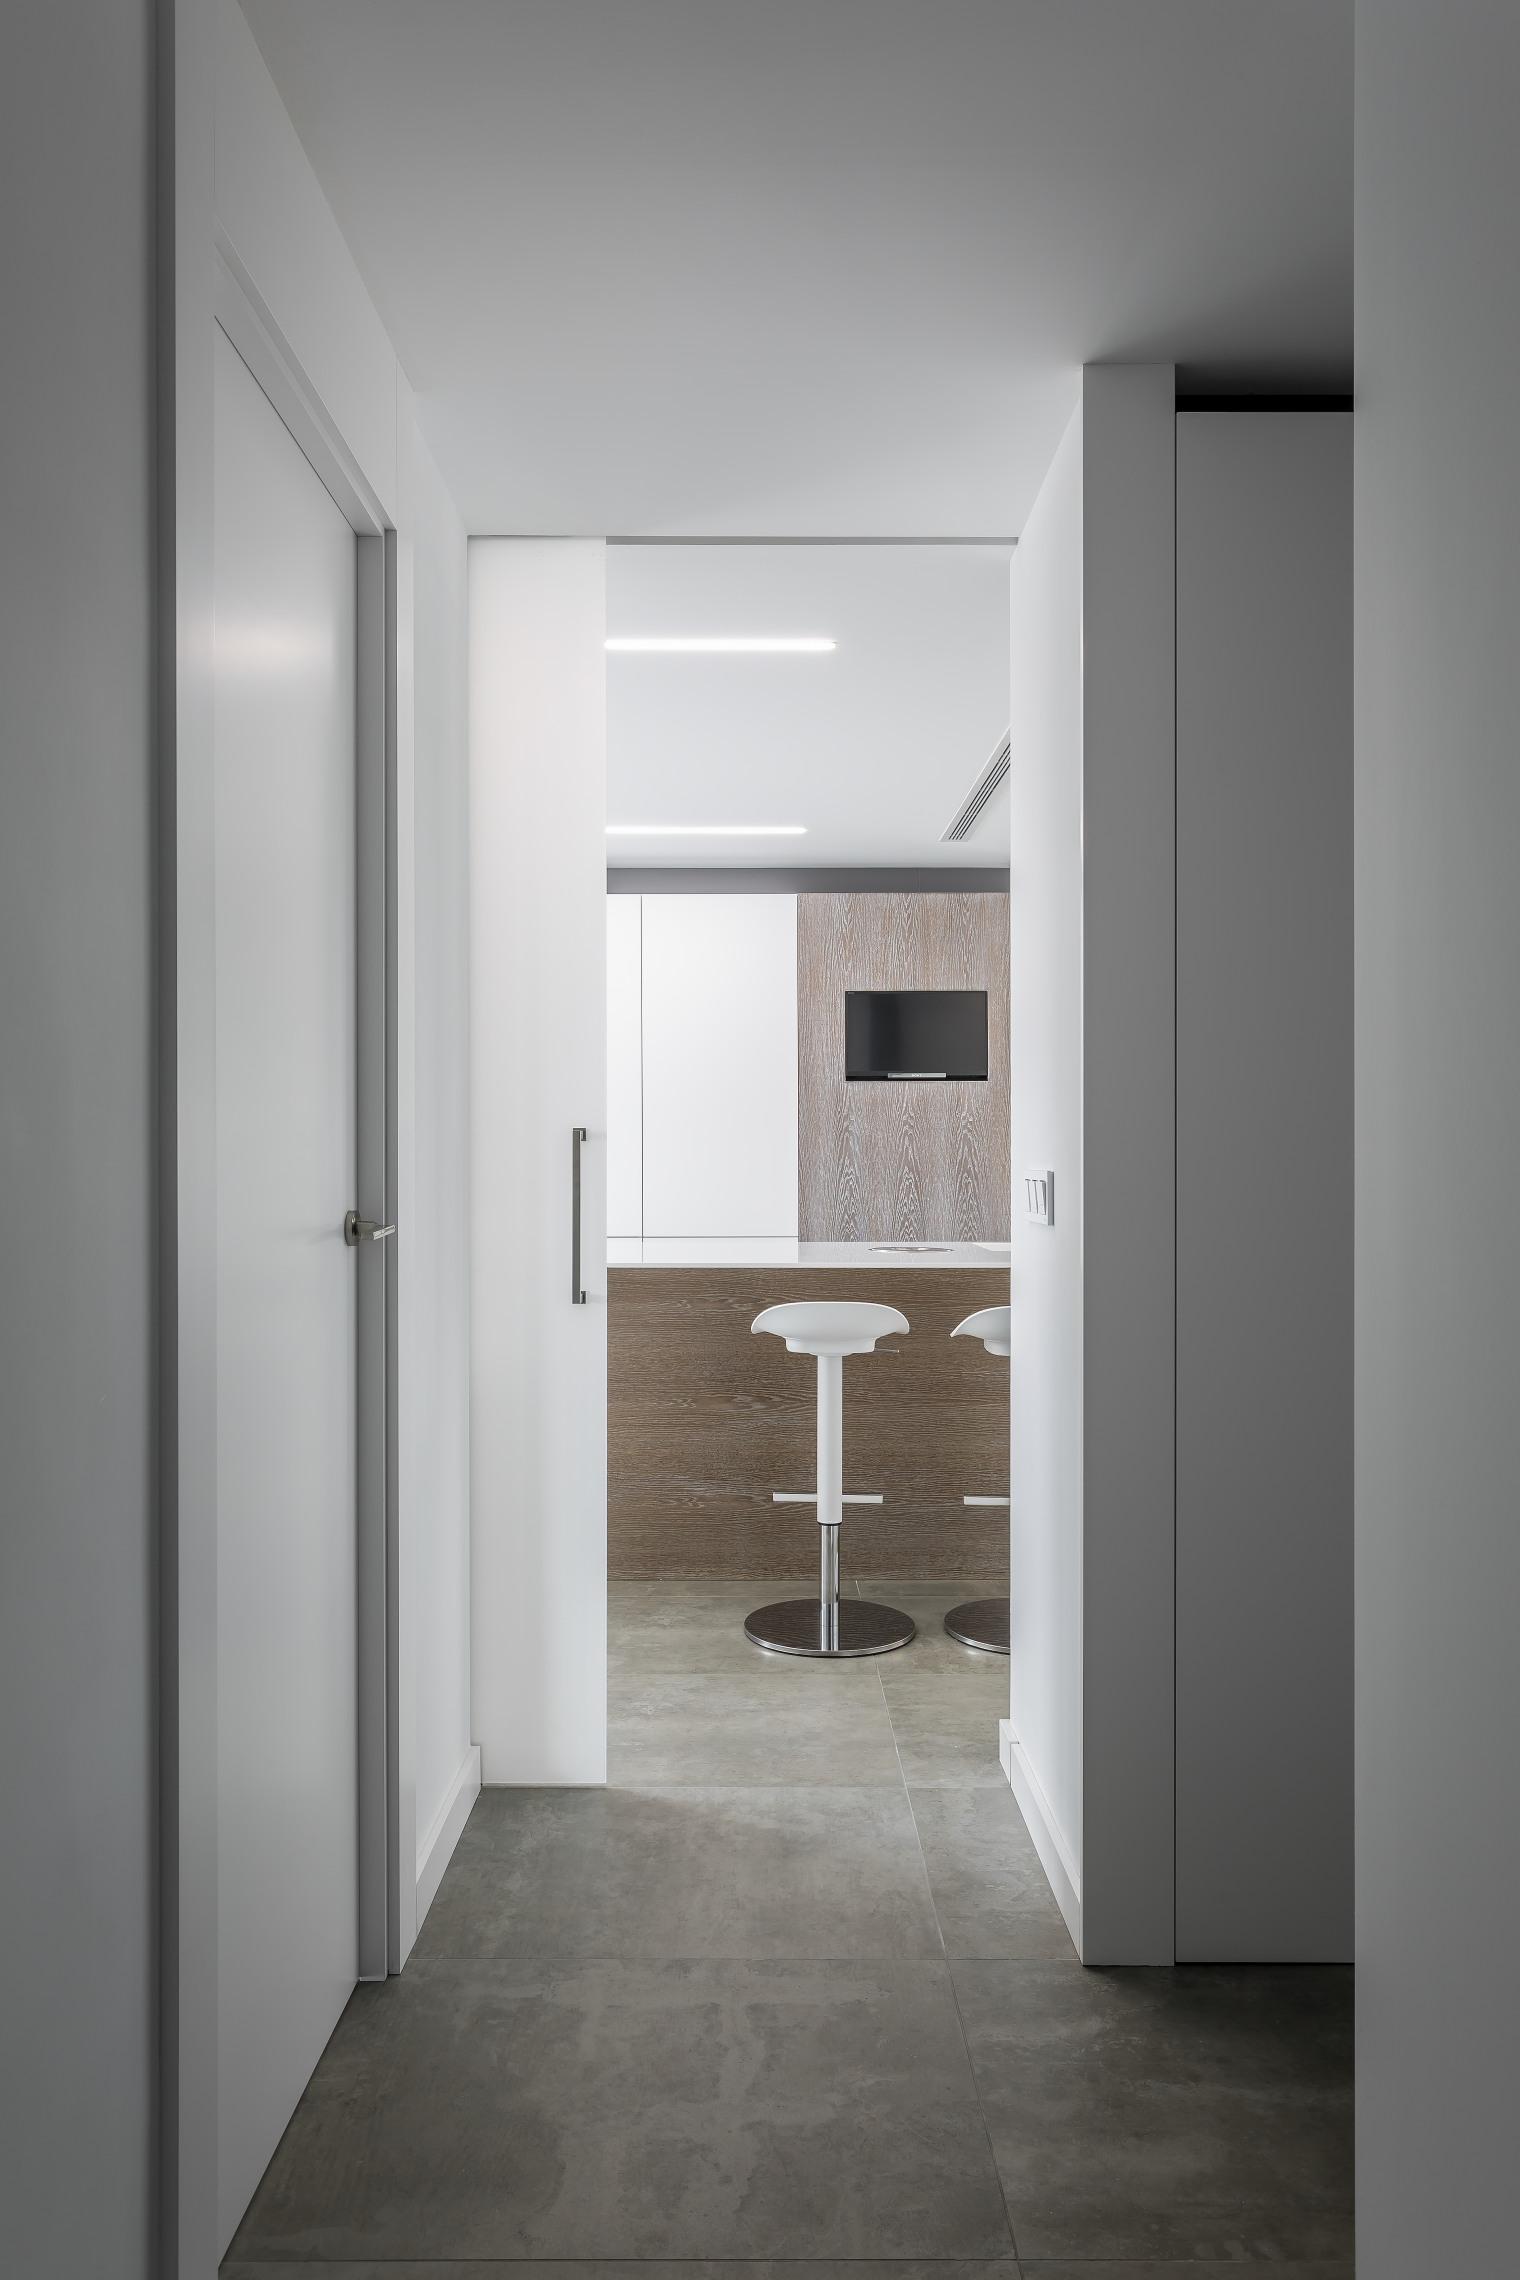 fotografia-arquitectura-valencia-german-cabo-ambau-gordillo (17)